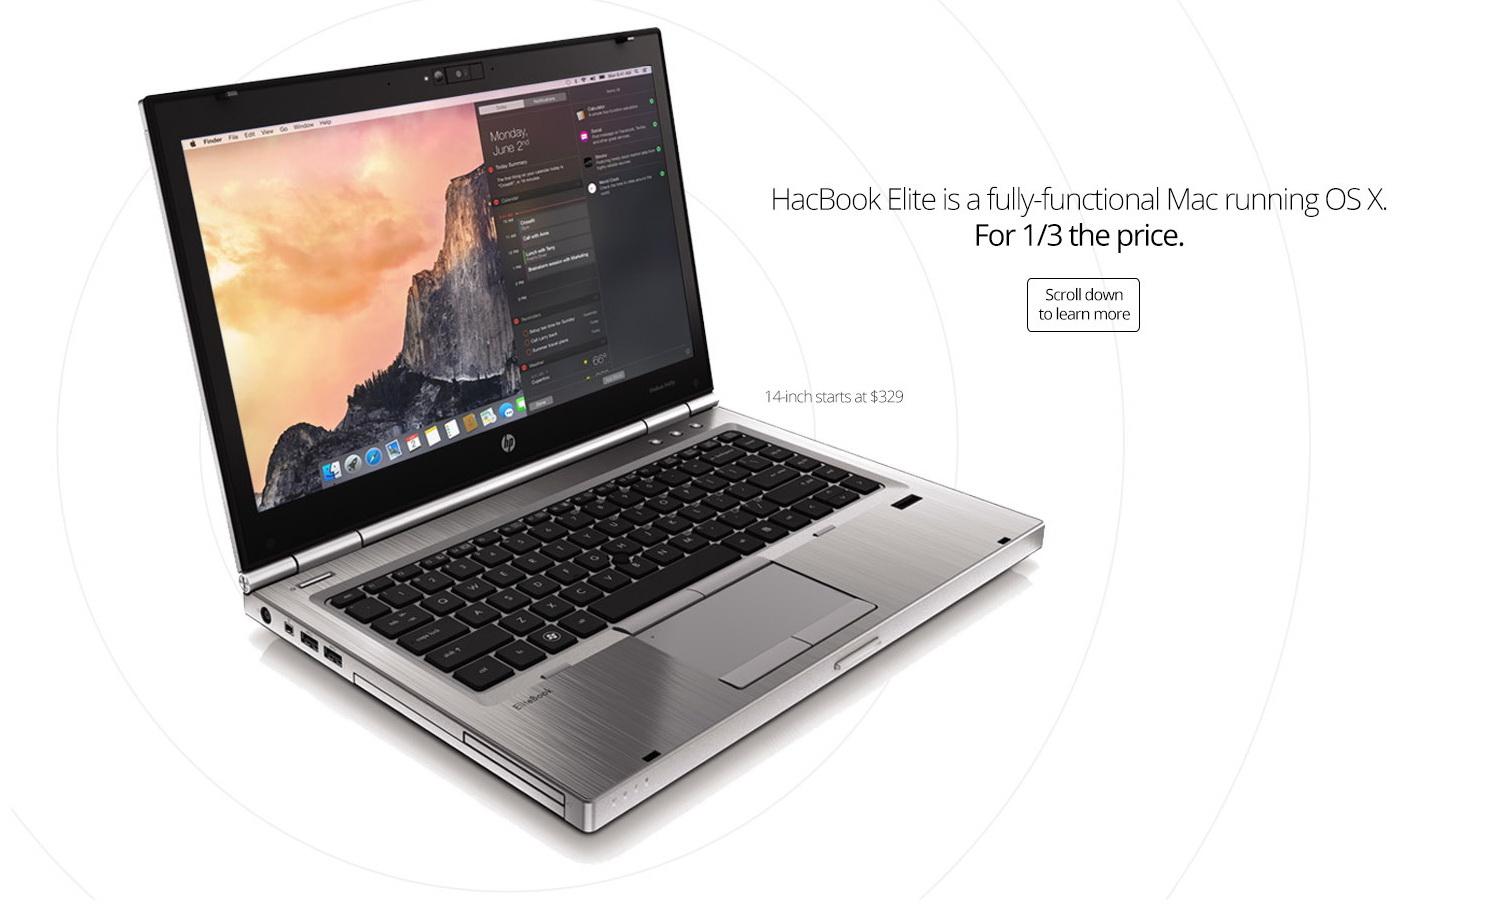 hacbook